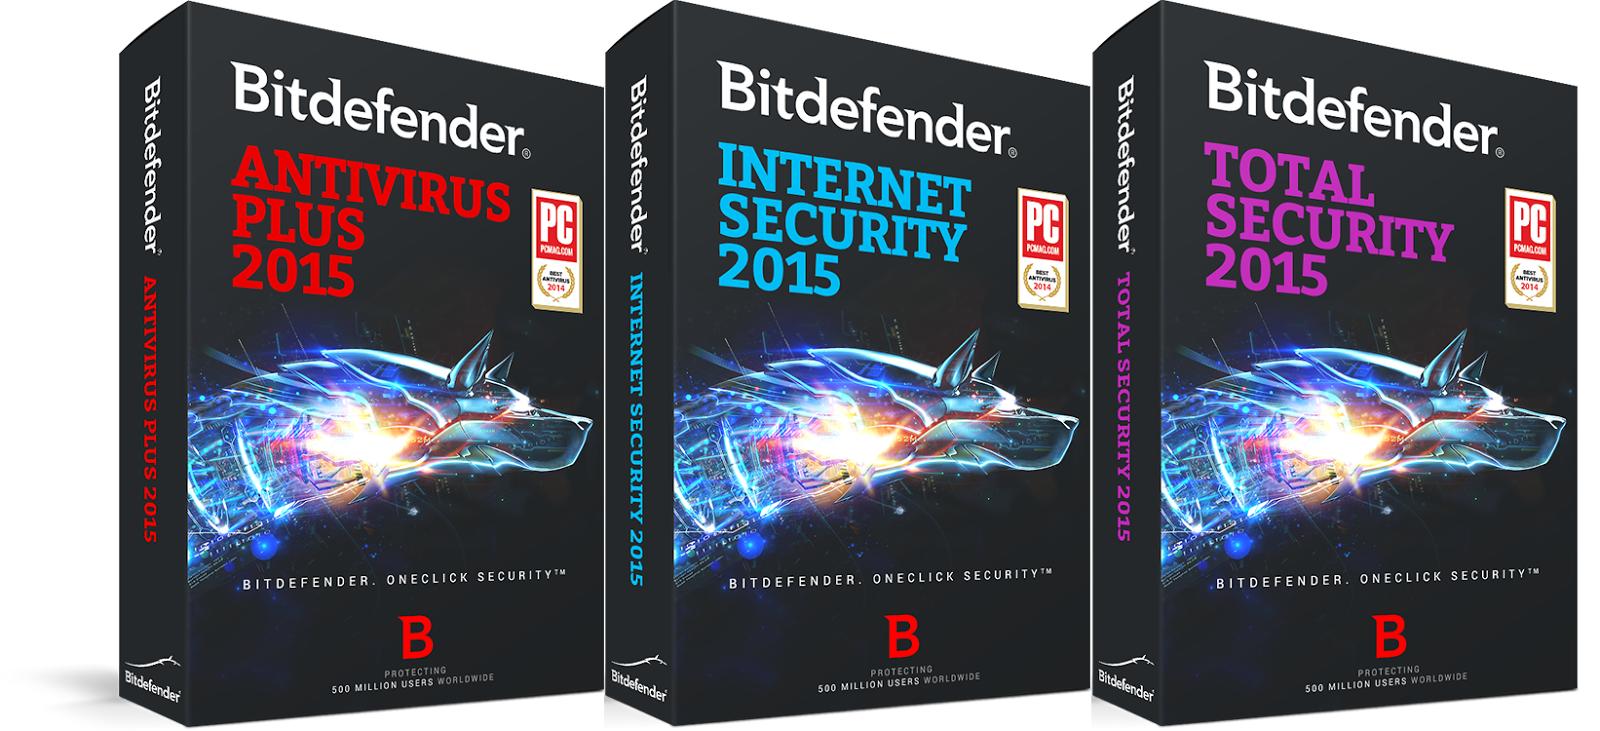 Bitdefender Internet Security 2015 es uno de los mejores paquetes de seguridad para PC que puedes conseguir en el mercado